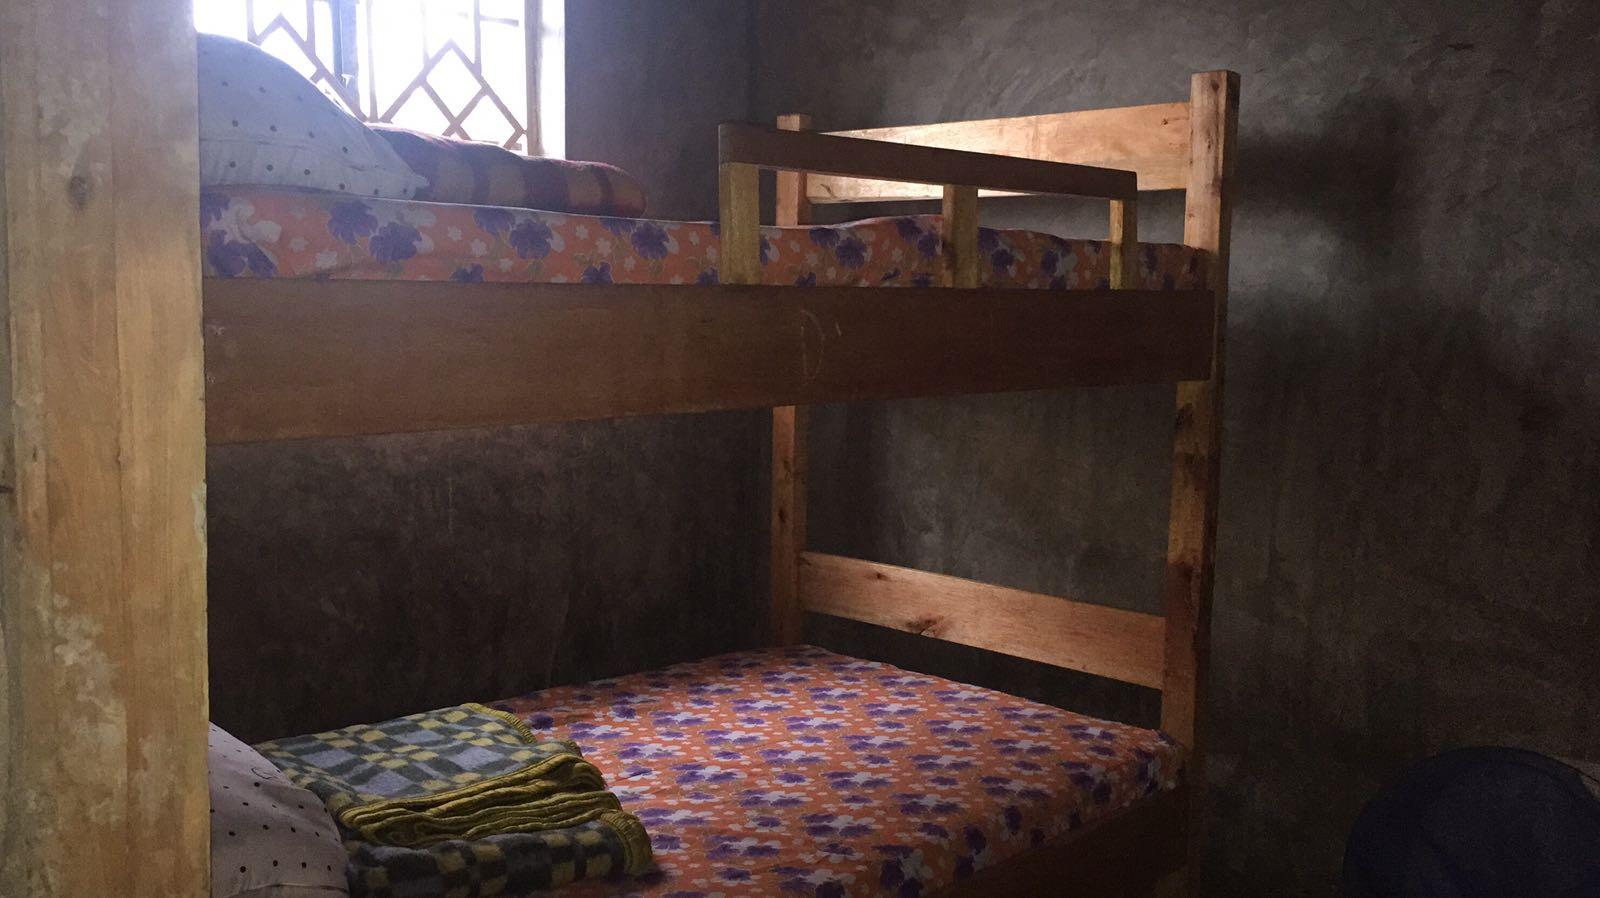 Volunteer Beds